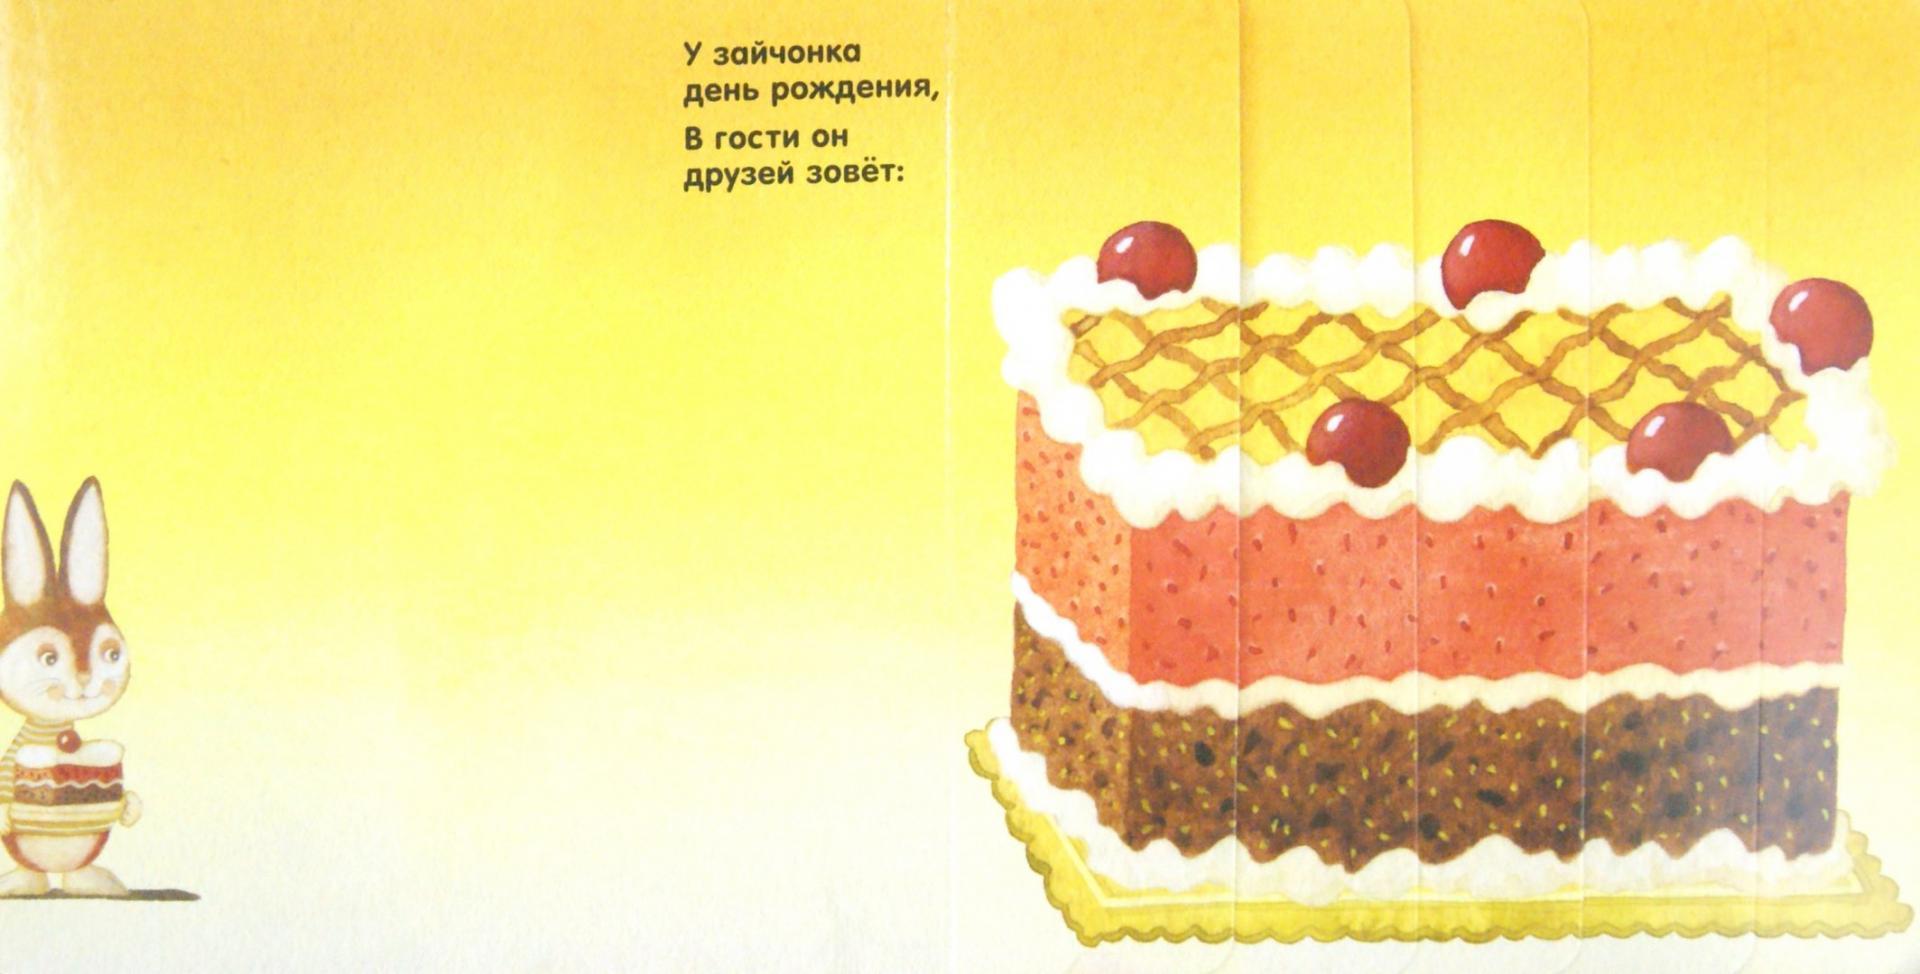 Иллюстрация 1 из 9 для С днём рождения - Джулиано Ферри   Лабиринт - книги. Источник: Лабиринт